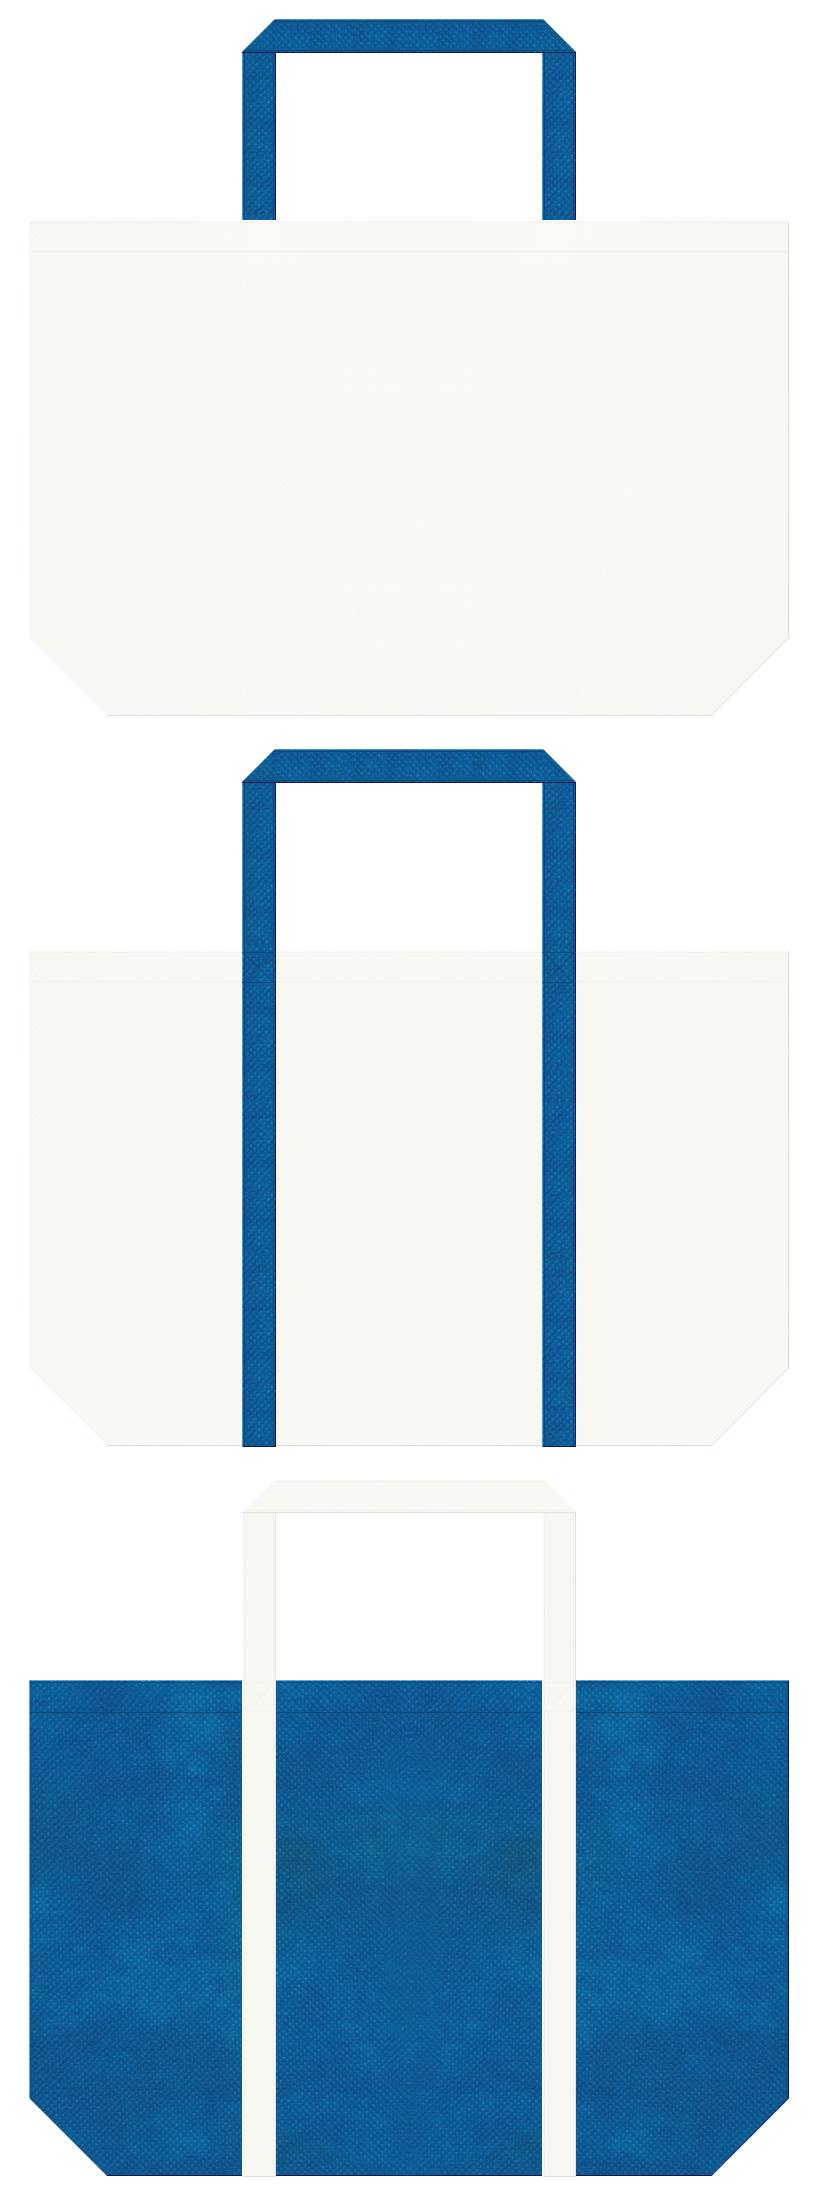 オフホワイト色と青色の不織布バッグデザイン。マリンファッション・ビーチグッズのショッピングバッグや、LED照明・水素自動車の販促ノベルティにお奨めです。